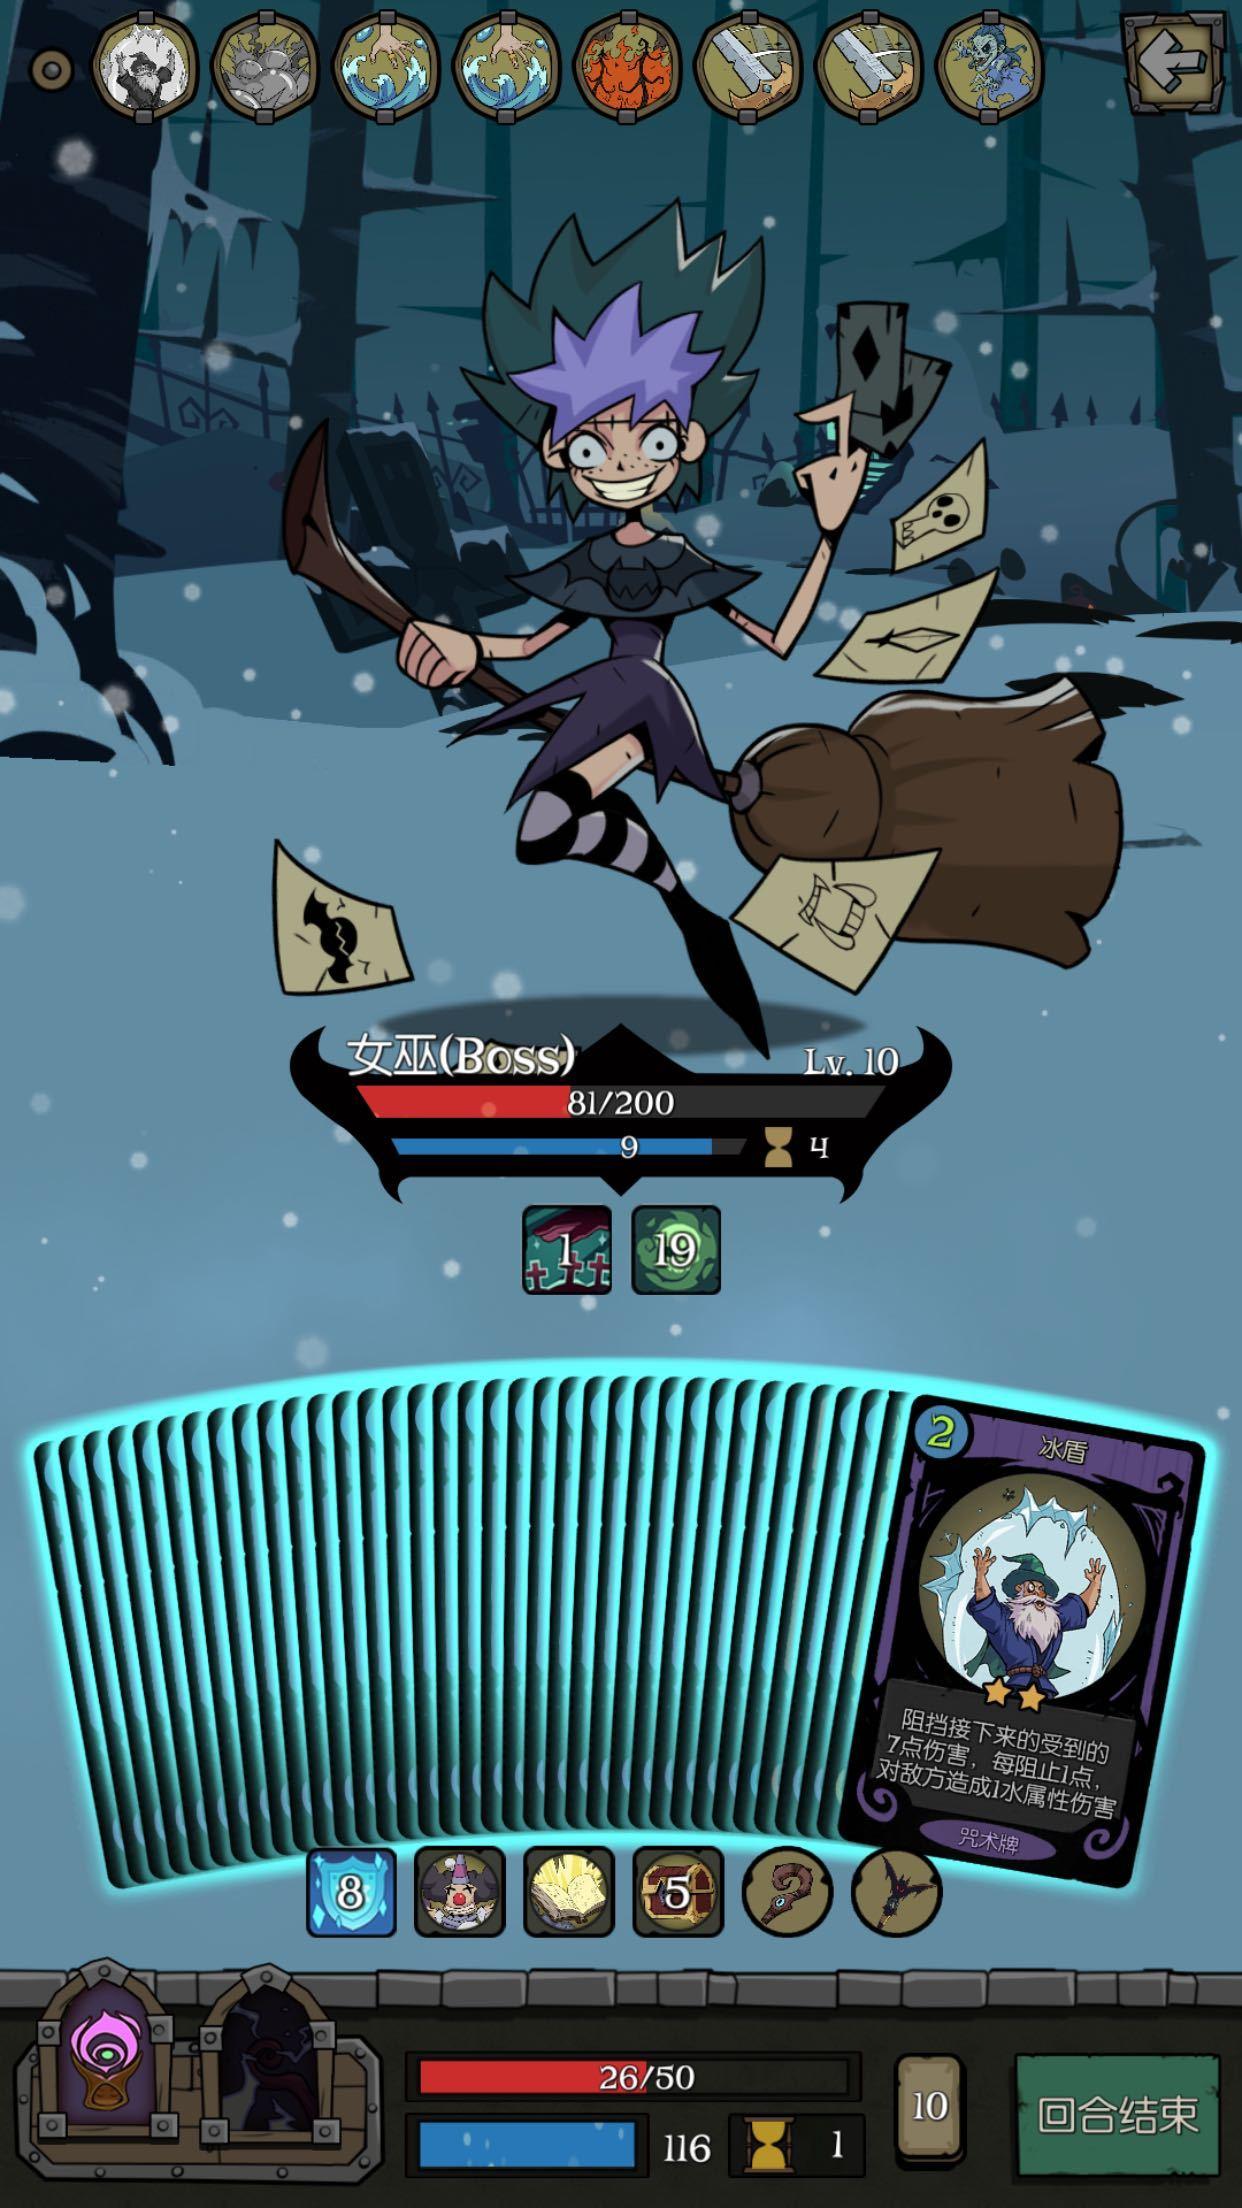 月圆之夜小女巫冰法套路玩法攻略汇总,女巫怎么玩厉害?